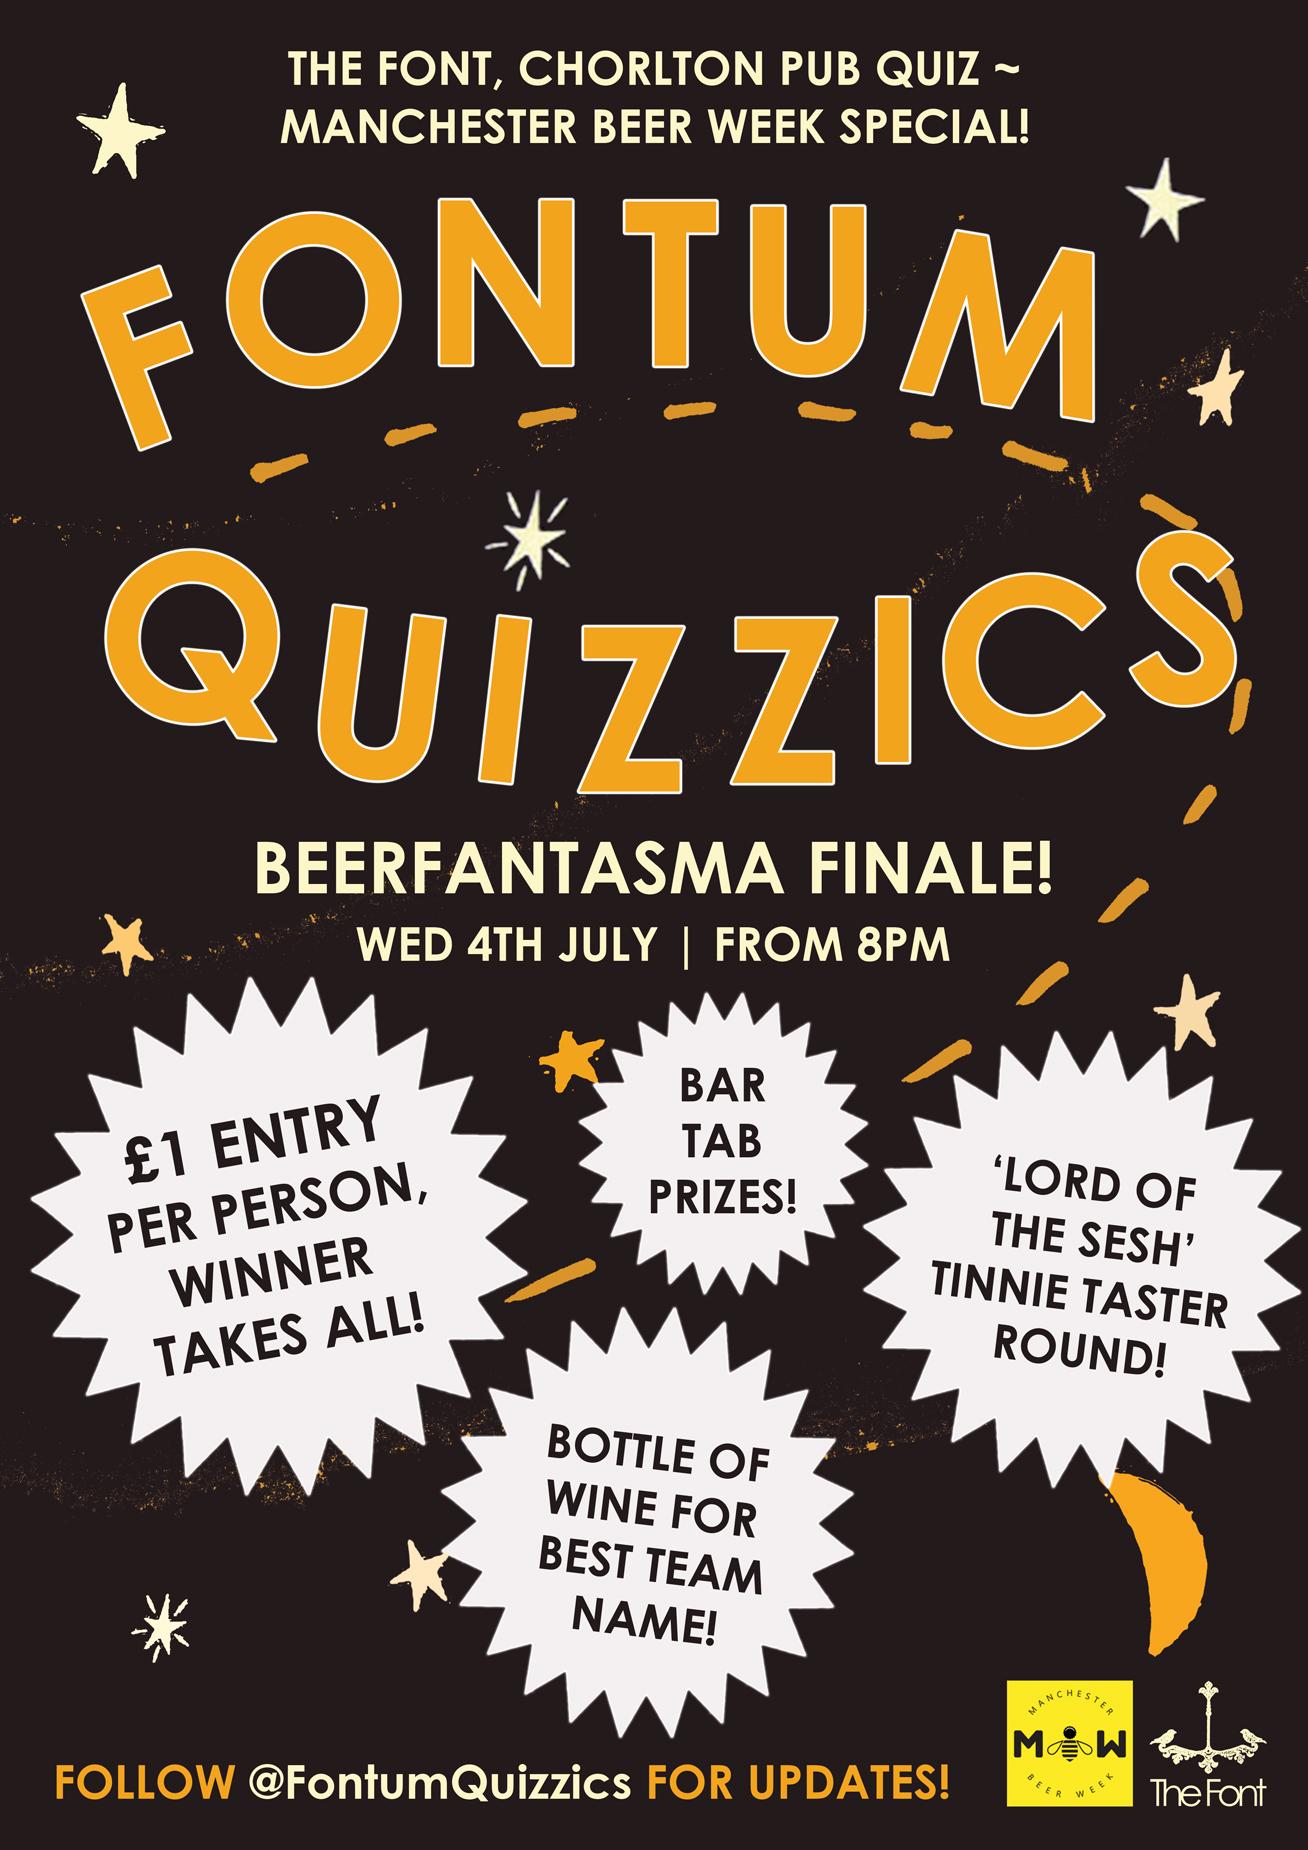 20180606 Font Fontum Quizzics Beer Week